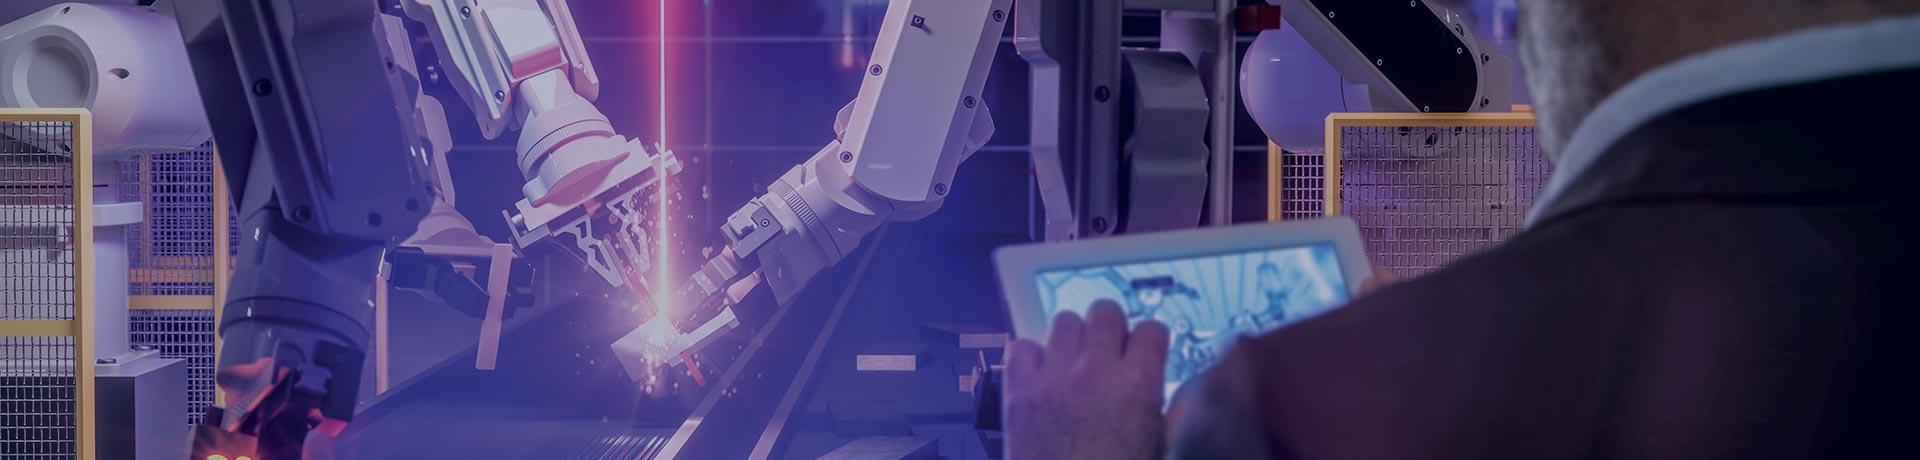 Un homme tient une tablette dans ses mains face à des bras robots